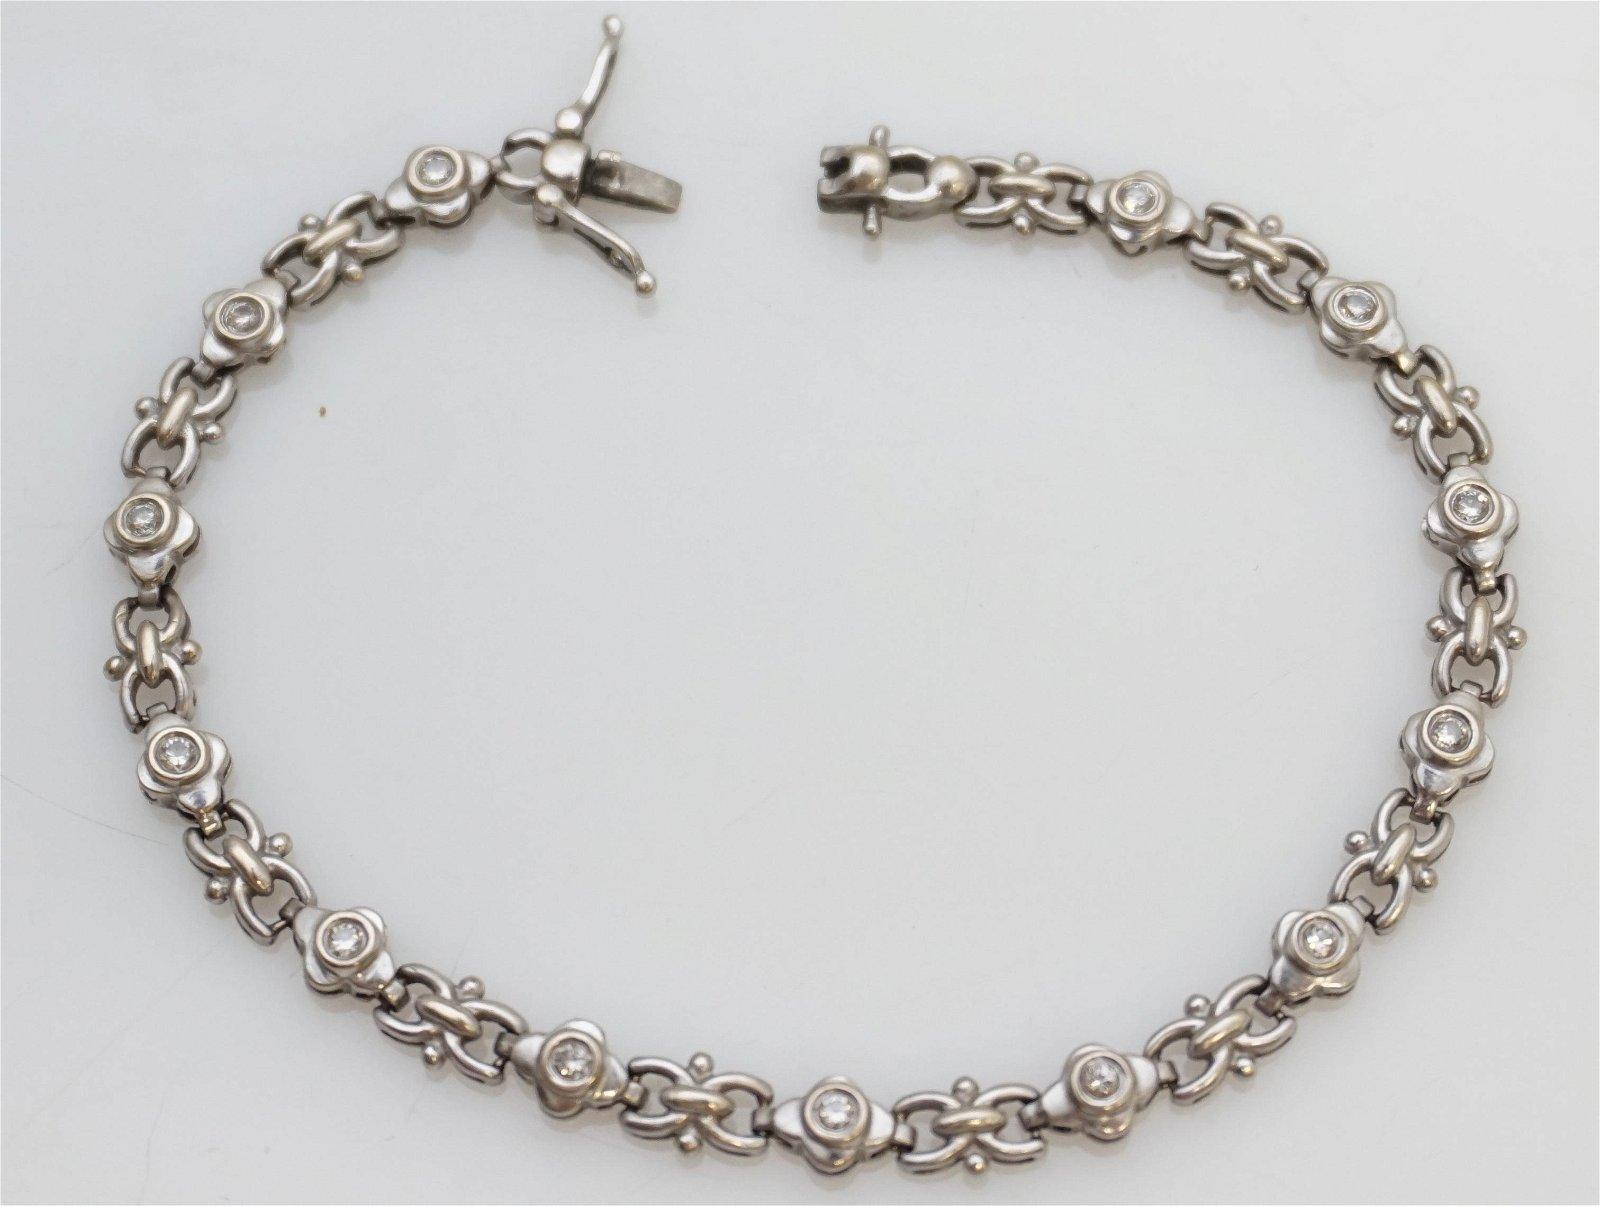 DIAMOND TENNIS BRACELET (7.50 GRAMS)